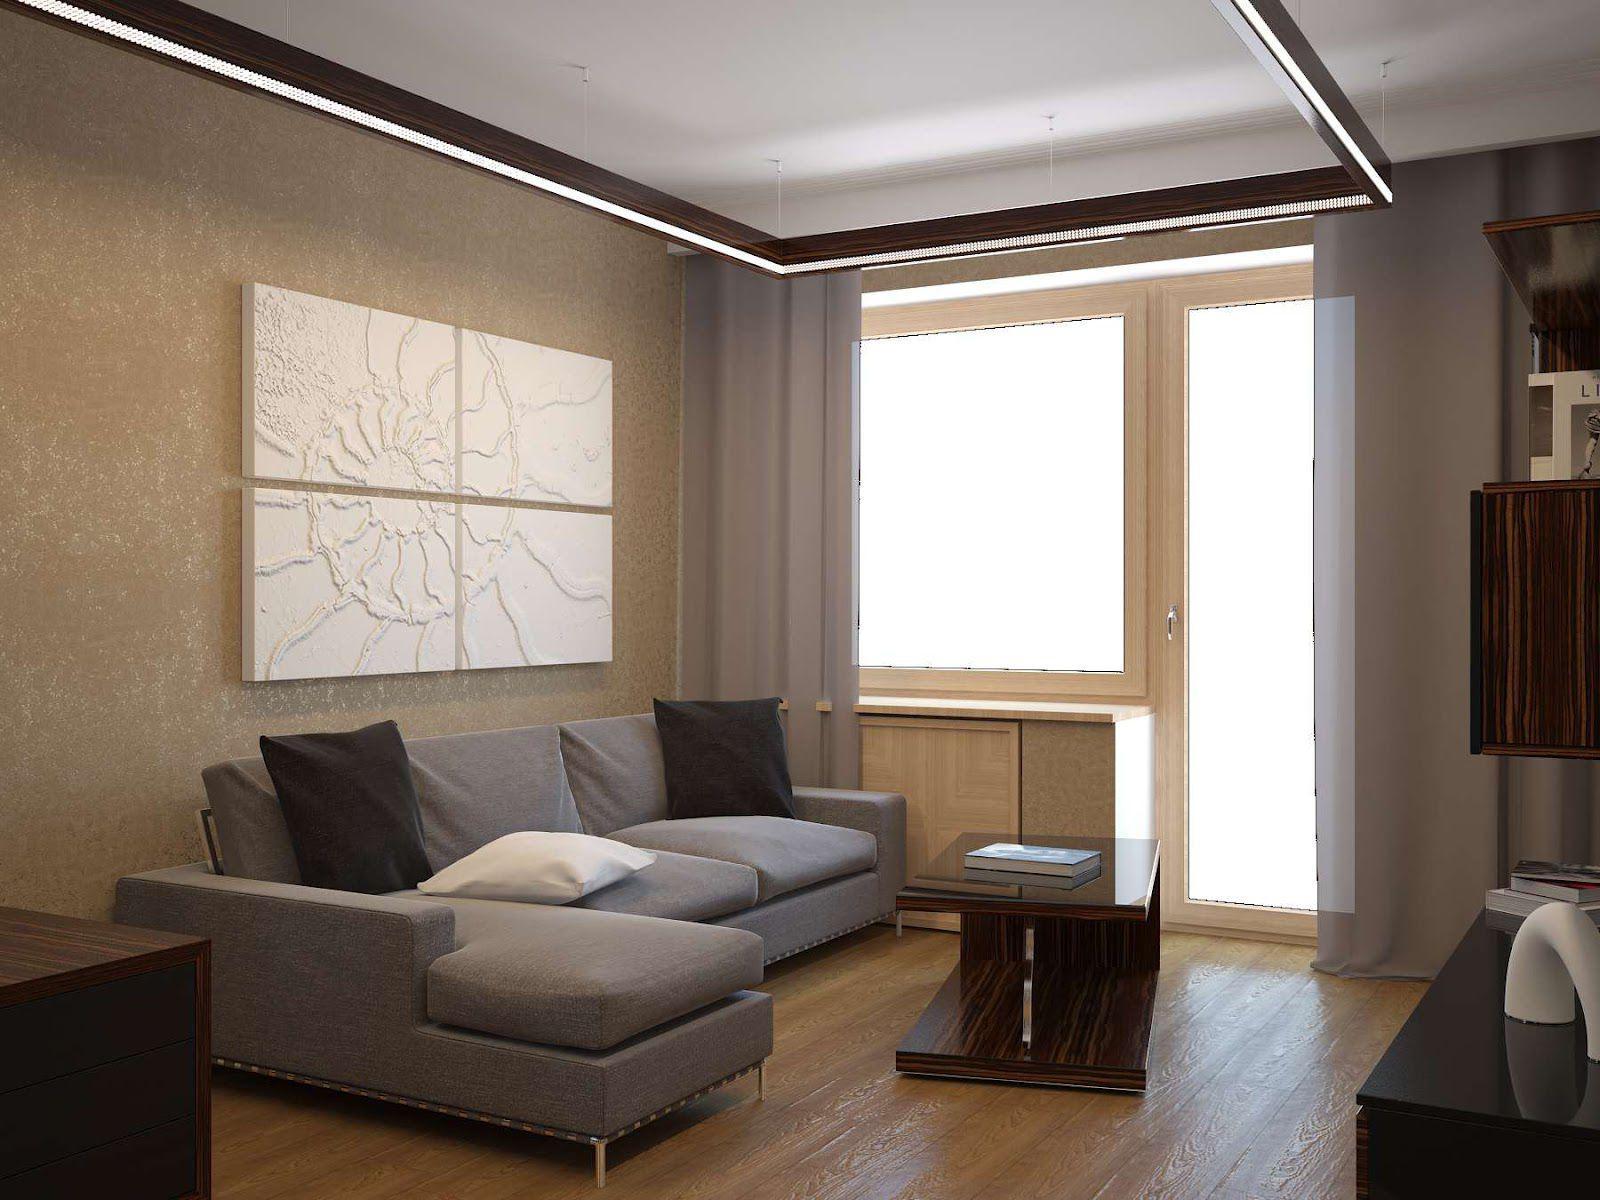 Reparatur der 1-Zimmer-Wohnung Chruschtschow. Design der Wohnung ...